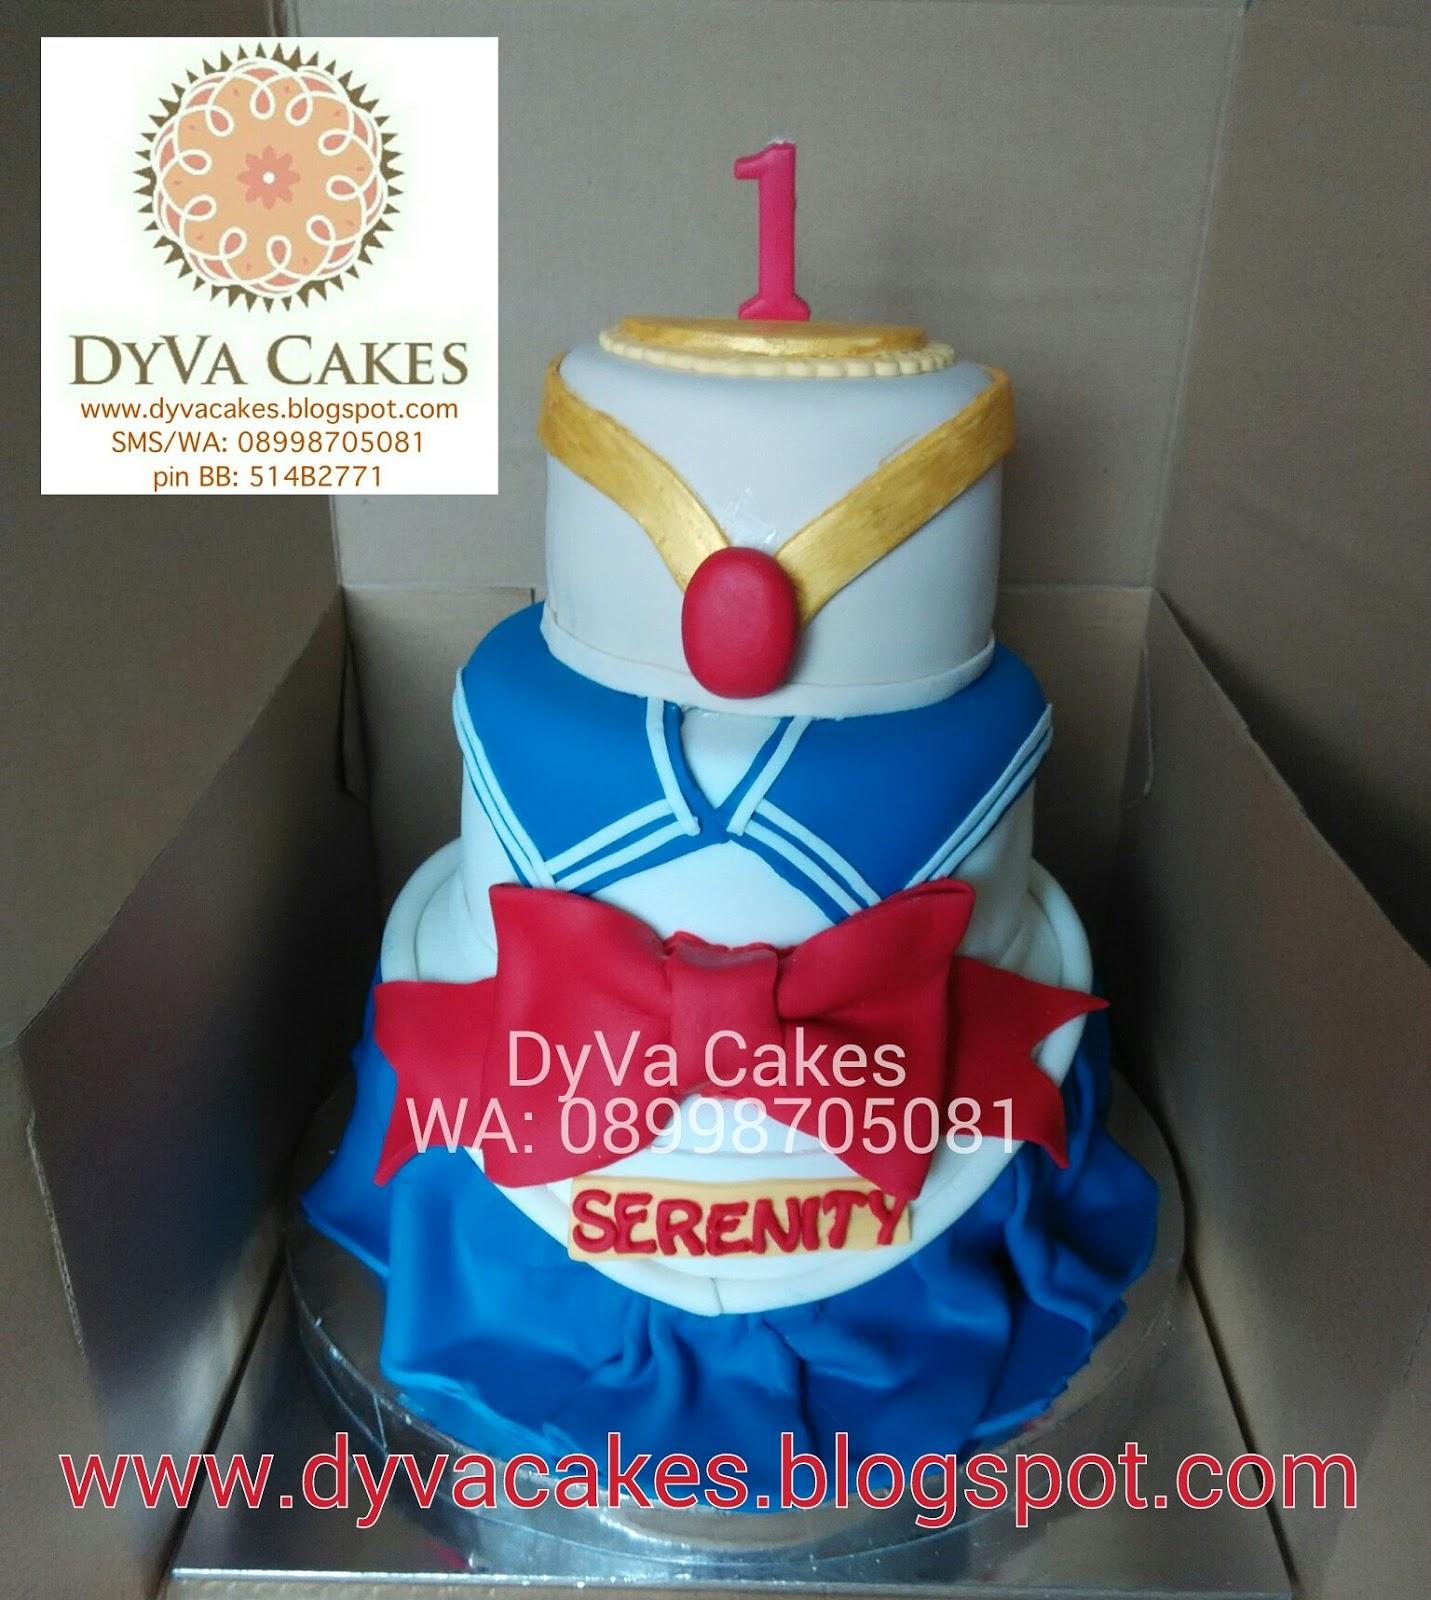 Sensational Dyva Cakes Sailor Moon Birthday Cake Personalised Birthday Cards Paralily Jamesorg